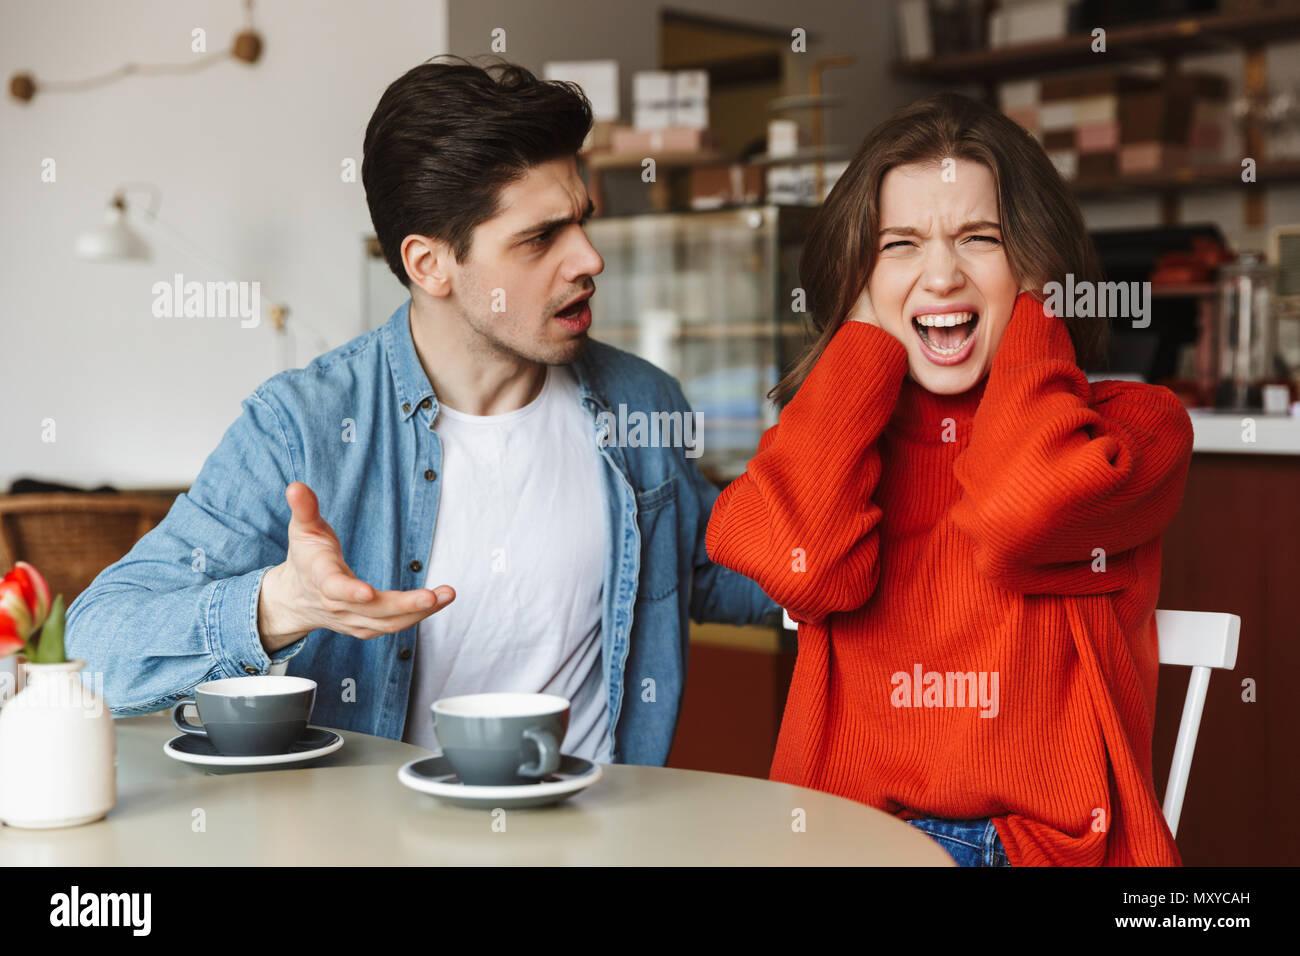 Déçu couple homme et femme 20s de crier et d'avoir à redire tout en ayant pause café dans cafe Banque D'Images